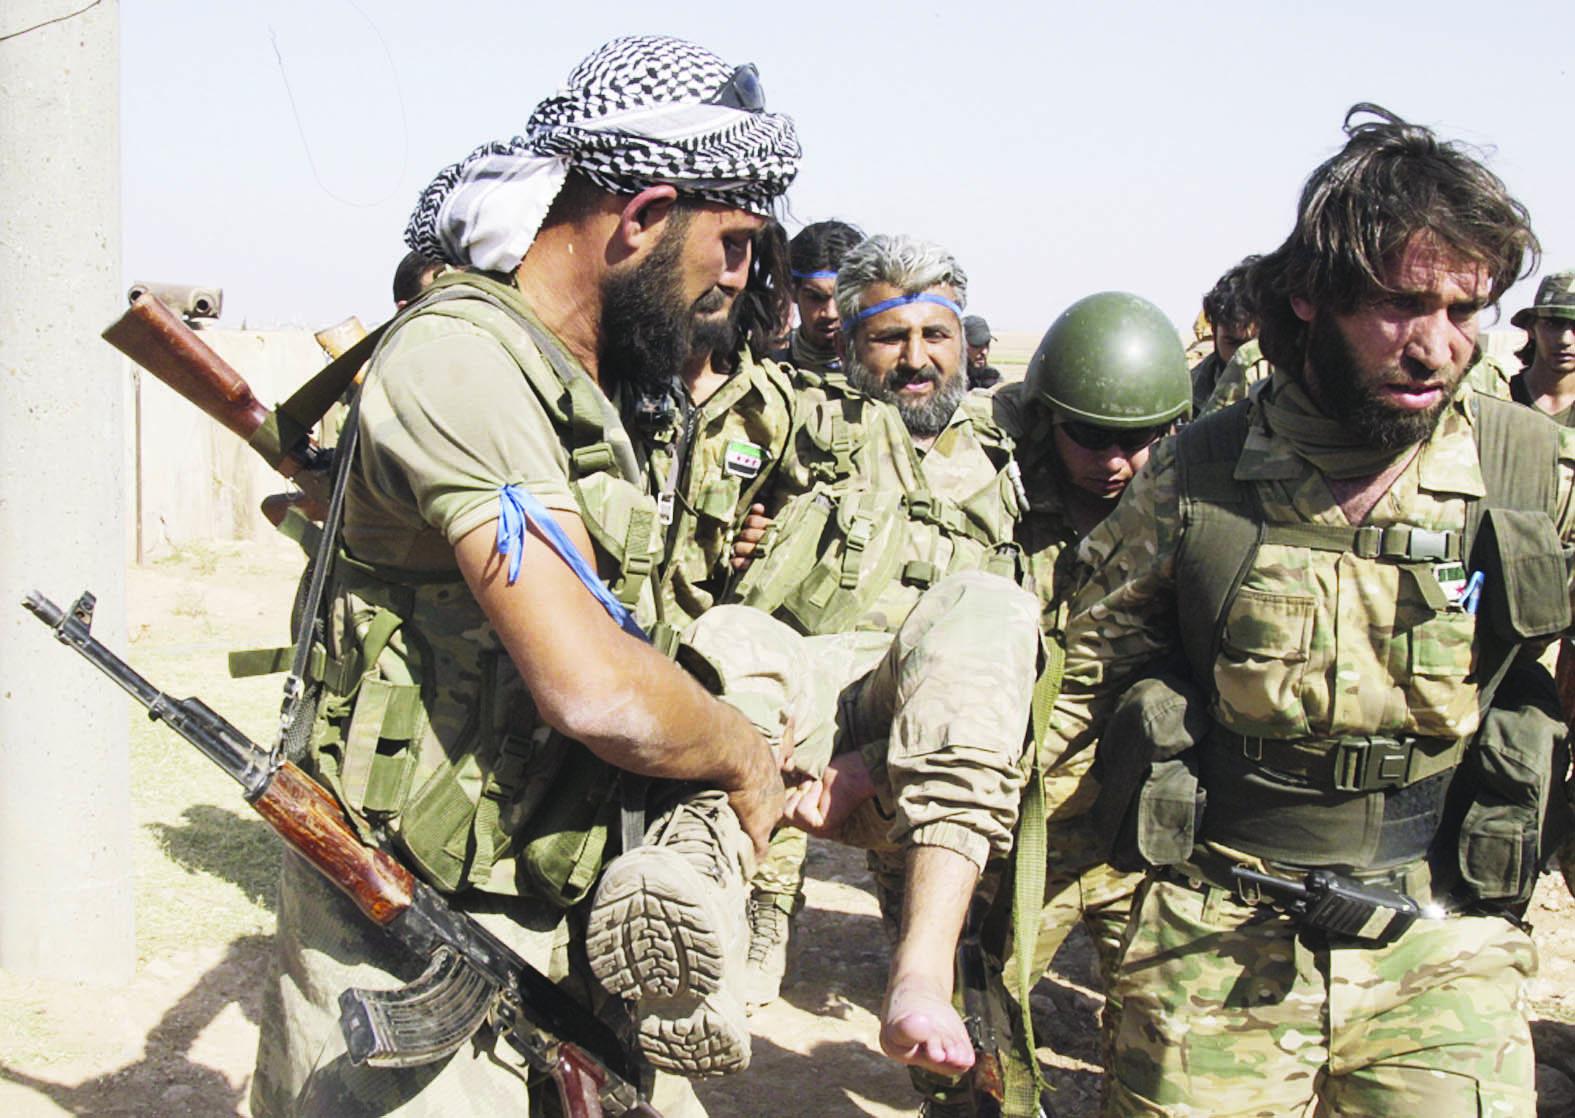 وكالة تركية تحصي شهداء الجيش الوطني منذ بدء عملية نبع السلام